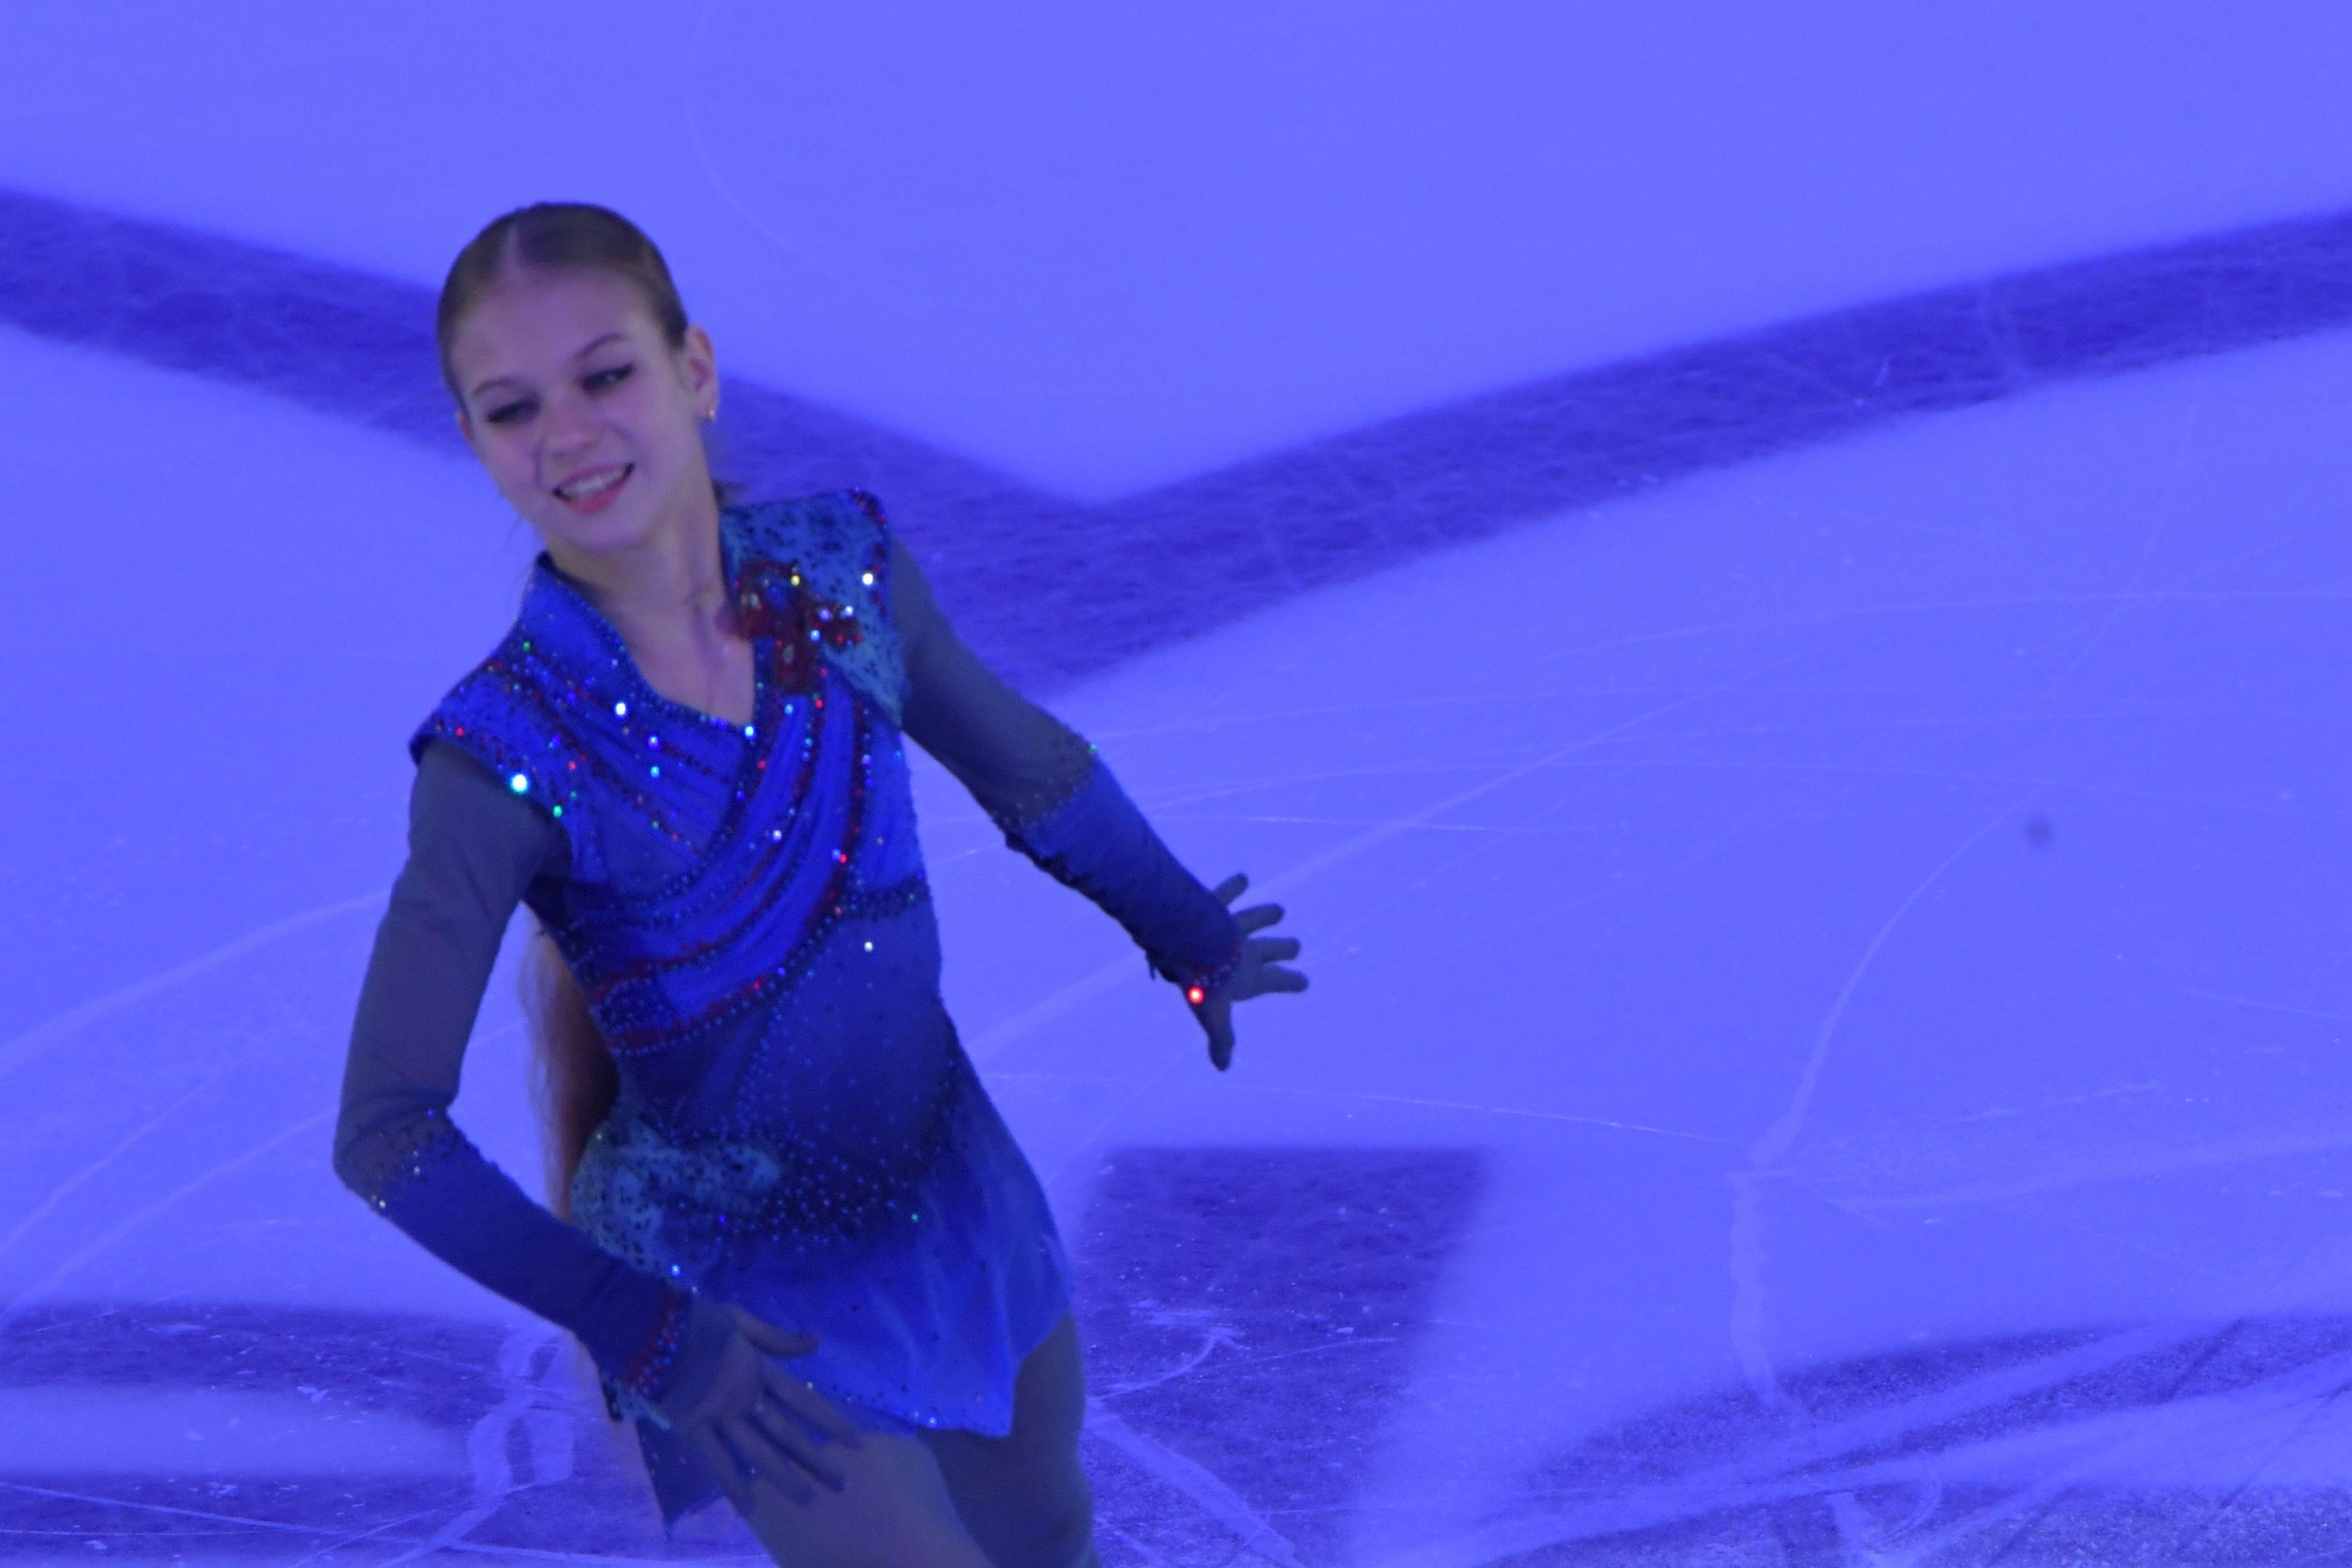 Чайковская: 'Российская школа фигурного катания – мощнейшая и очень узнаваемая'